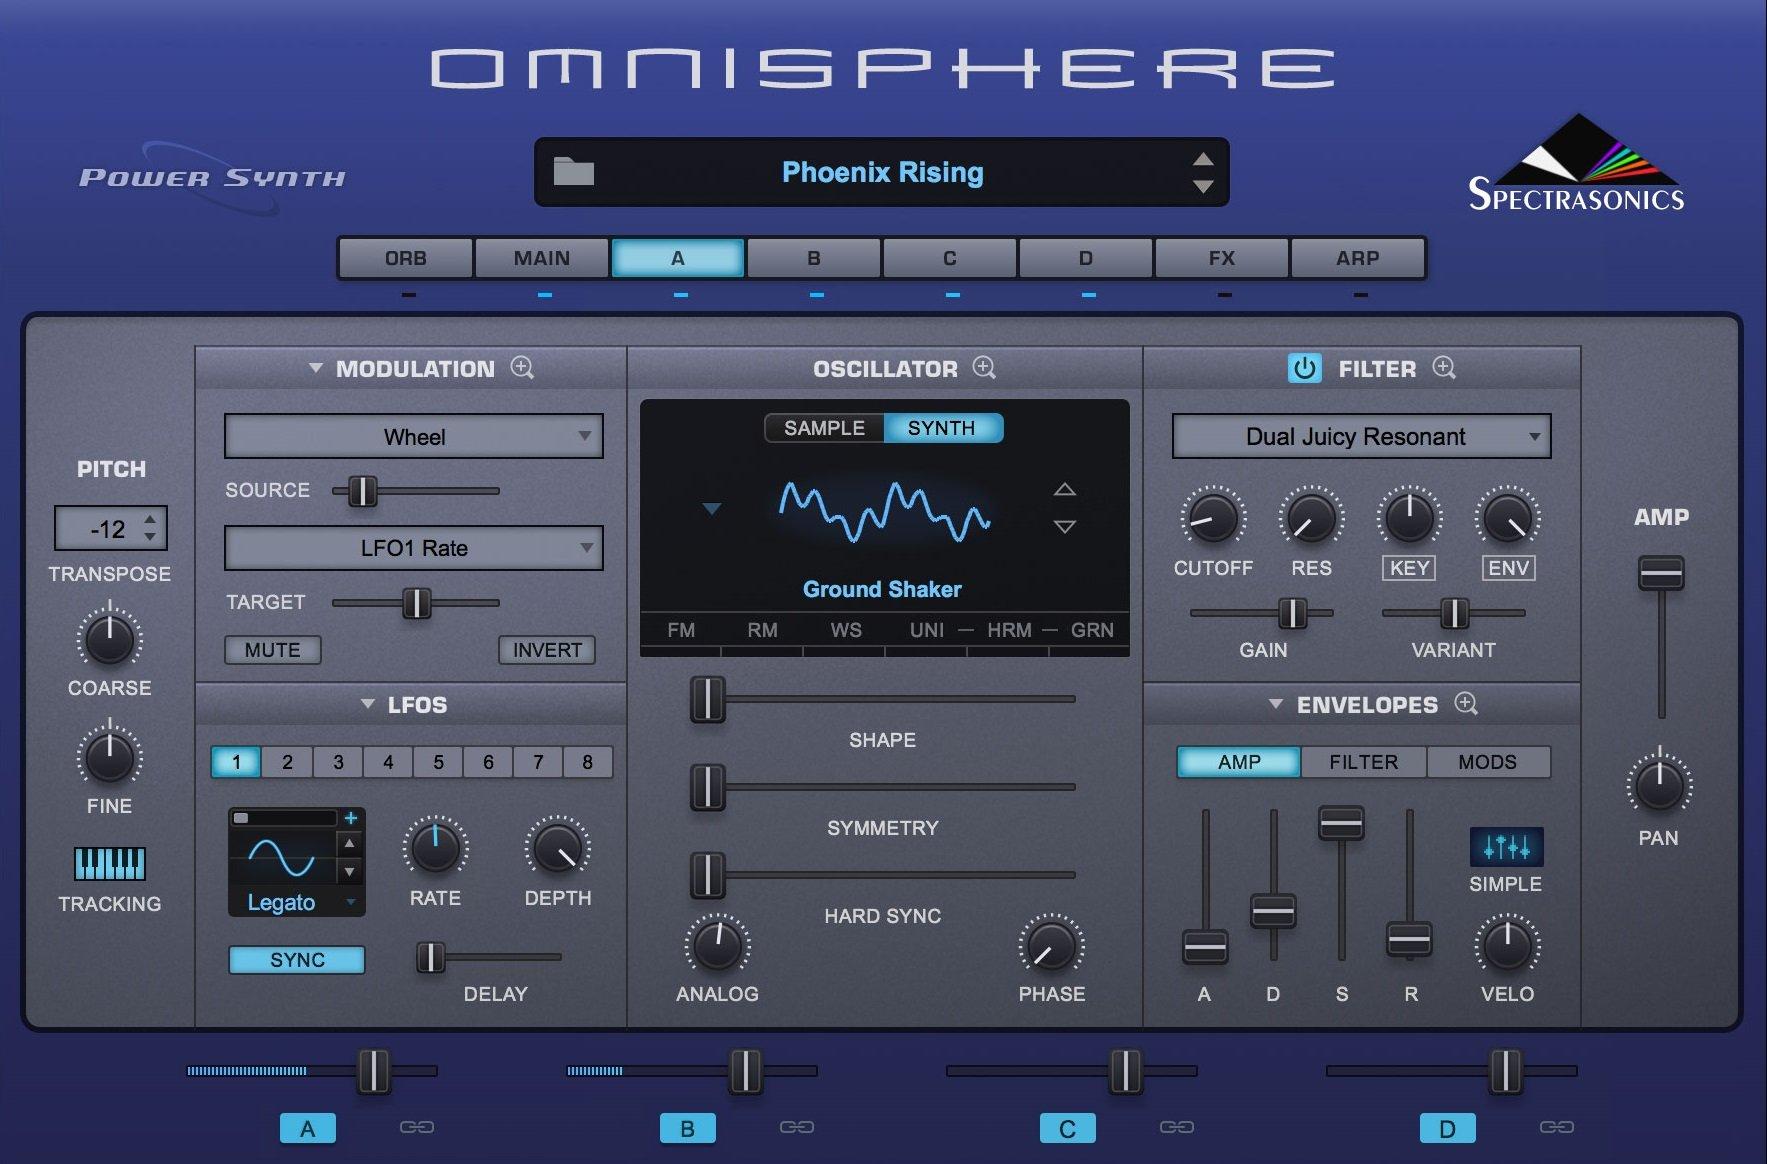 Download Spectrasonics Omnisphere Soundsource Library Update